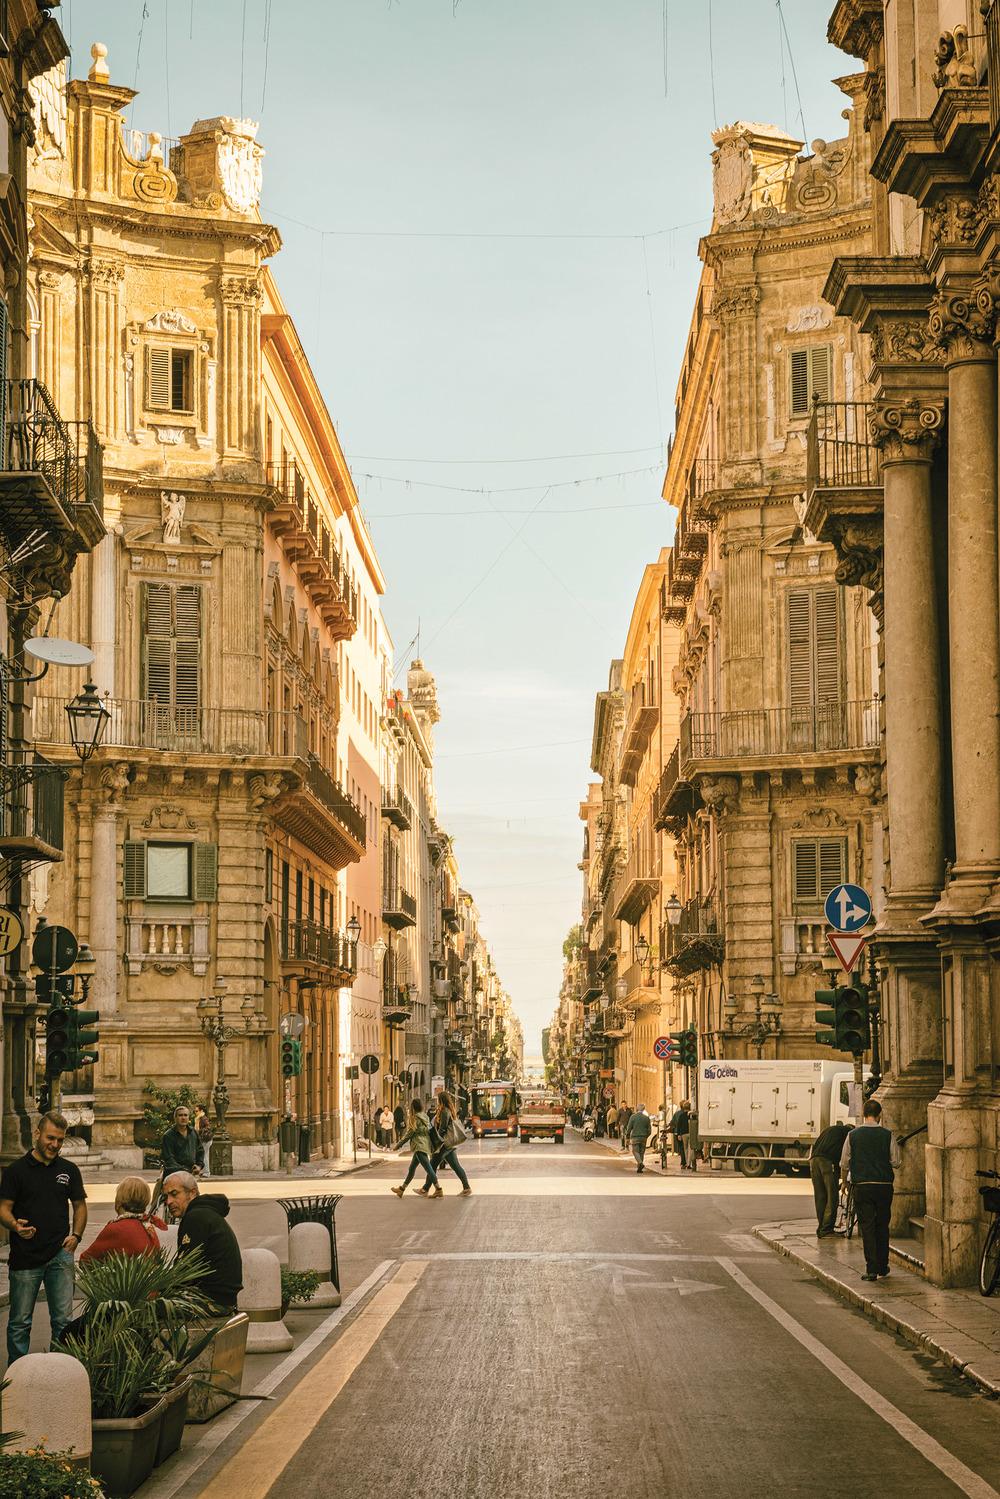 The Piazza Vigliena (Quattro Conti) four corners as seen from Vittorio Emanuele Street.futureGalore / Shutterstock.com